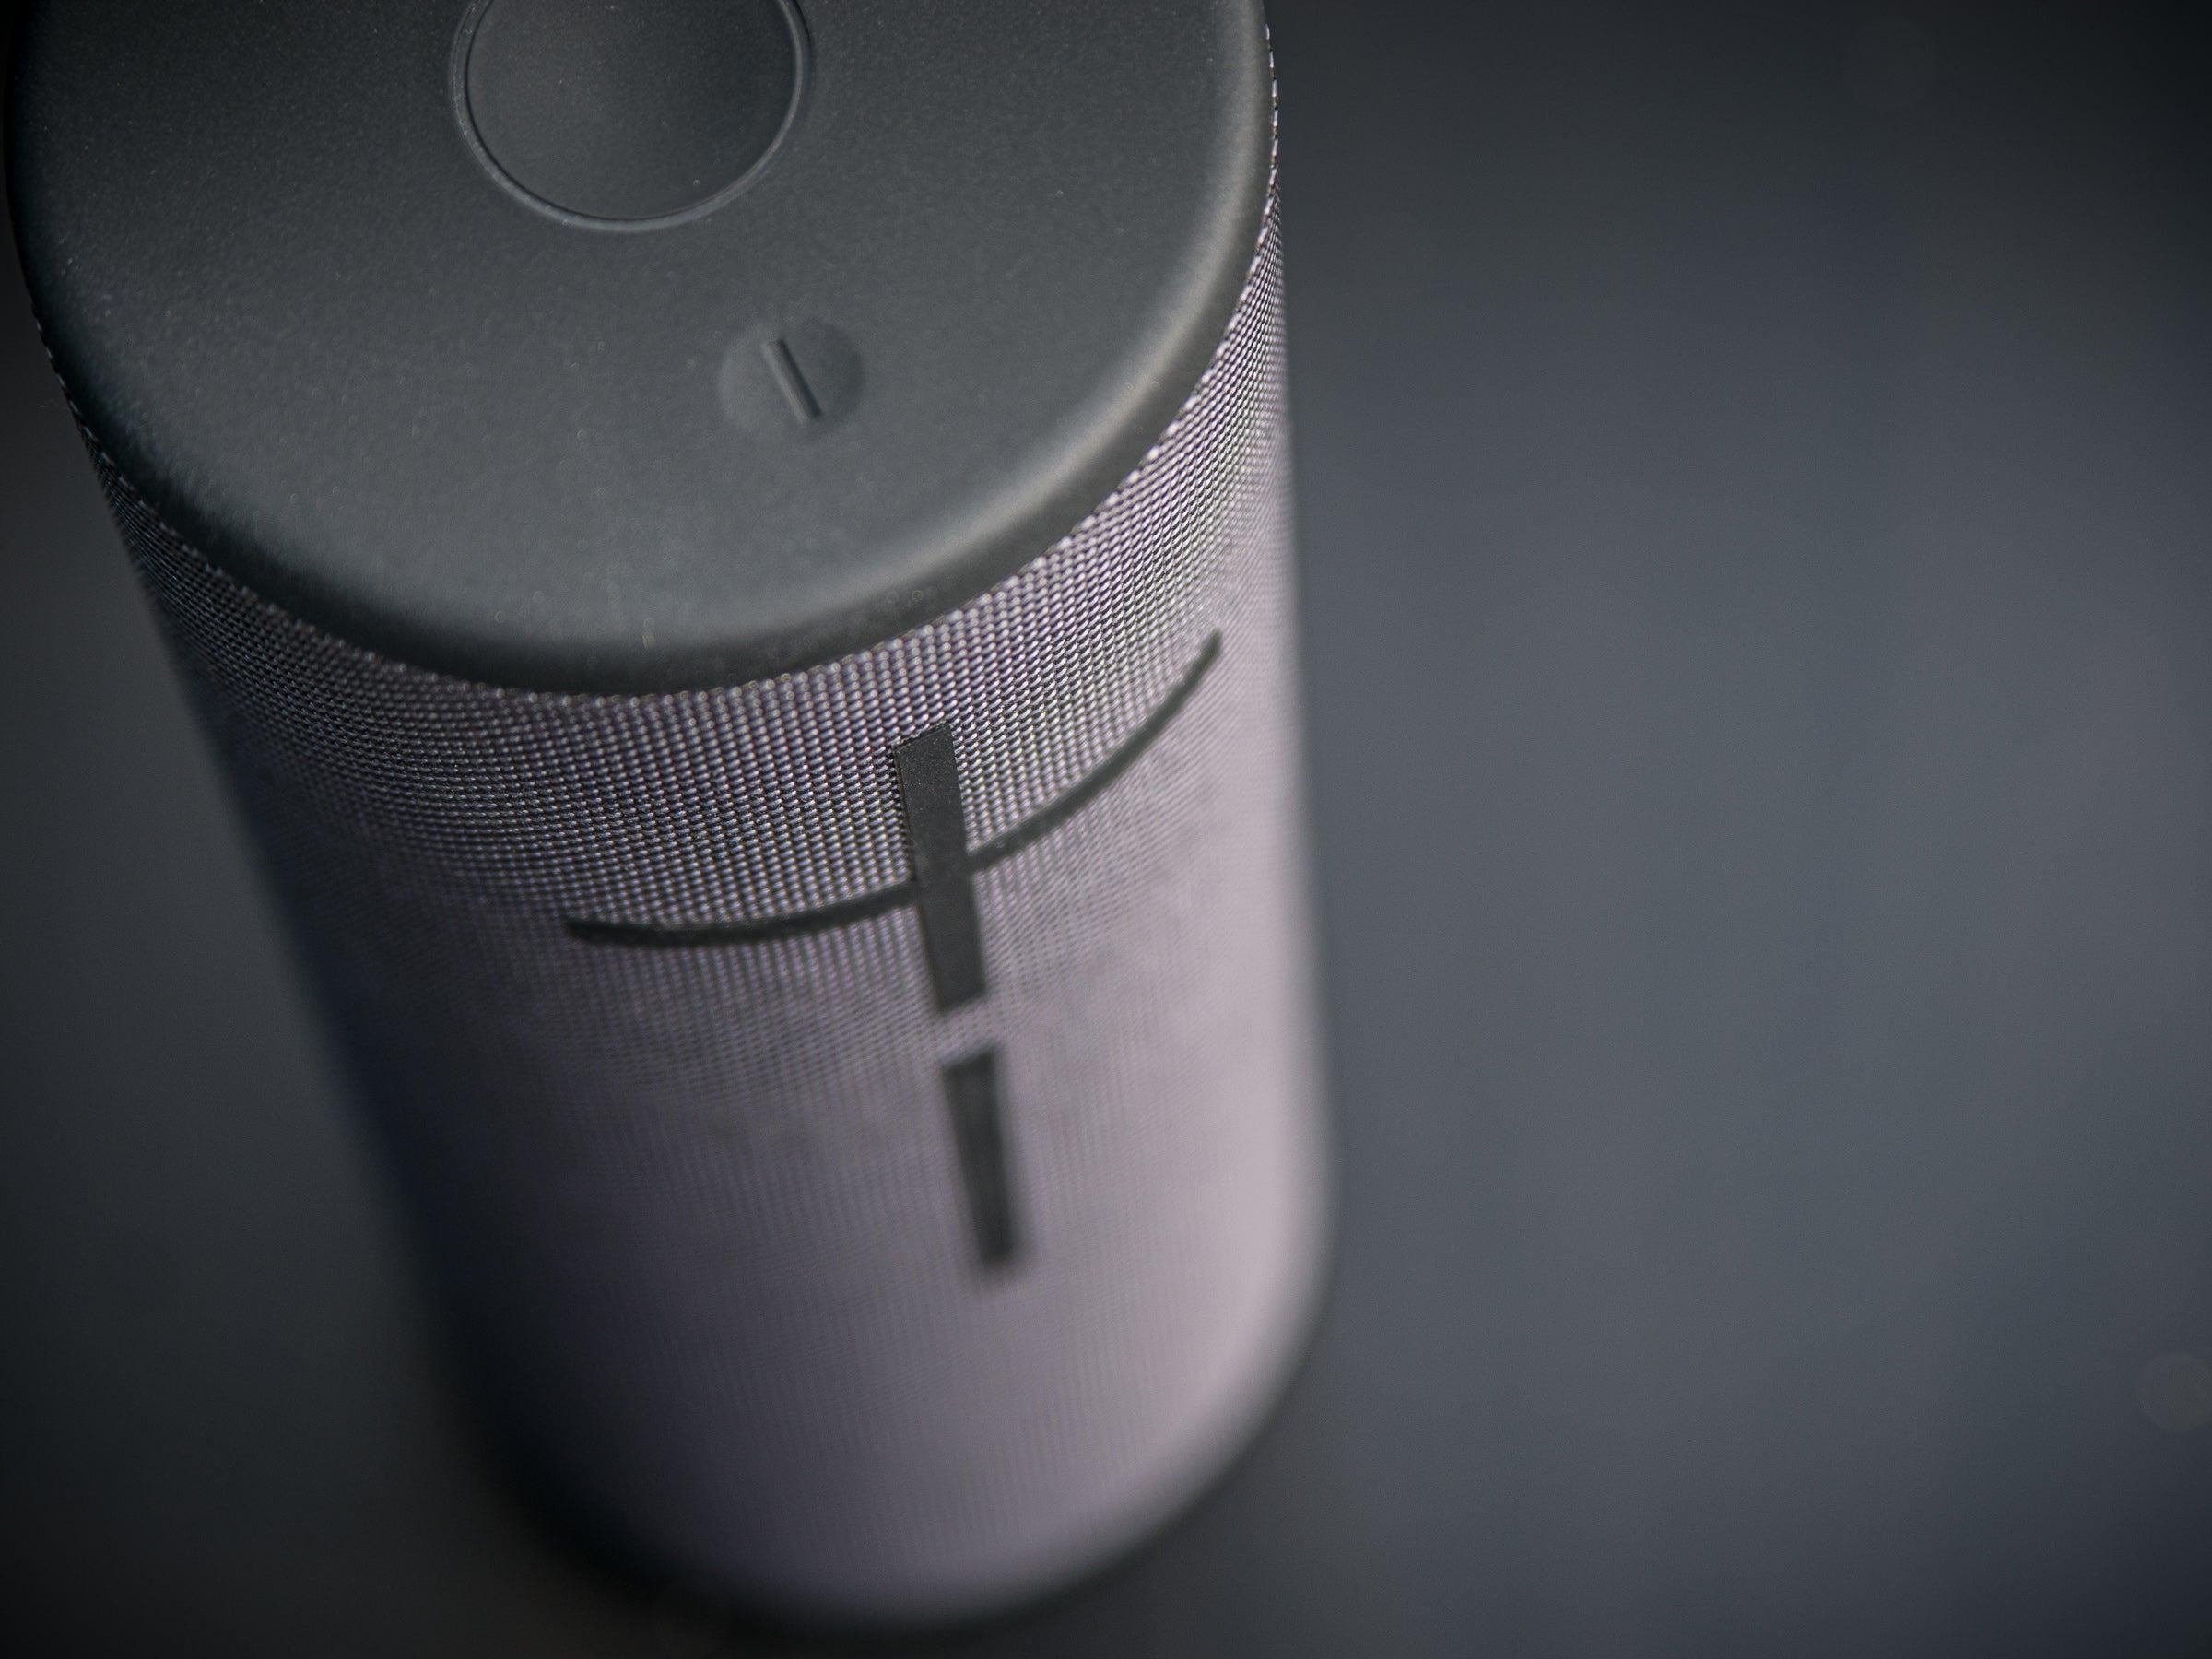 Der UE Megaboom 3 liefert zwar 360° Klang, der Sound könnte aufgrund der Größe aber besser sein